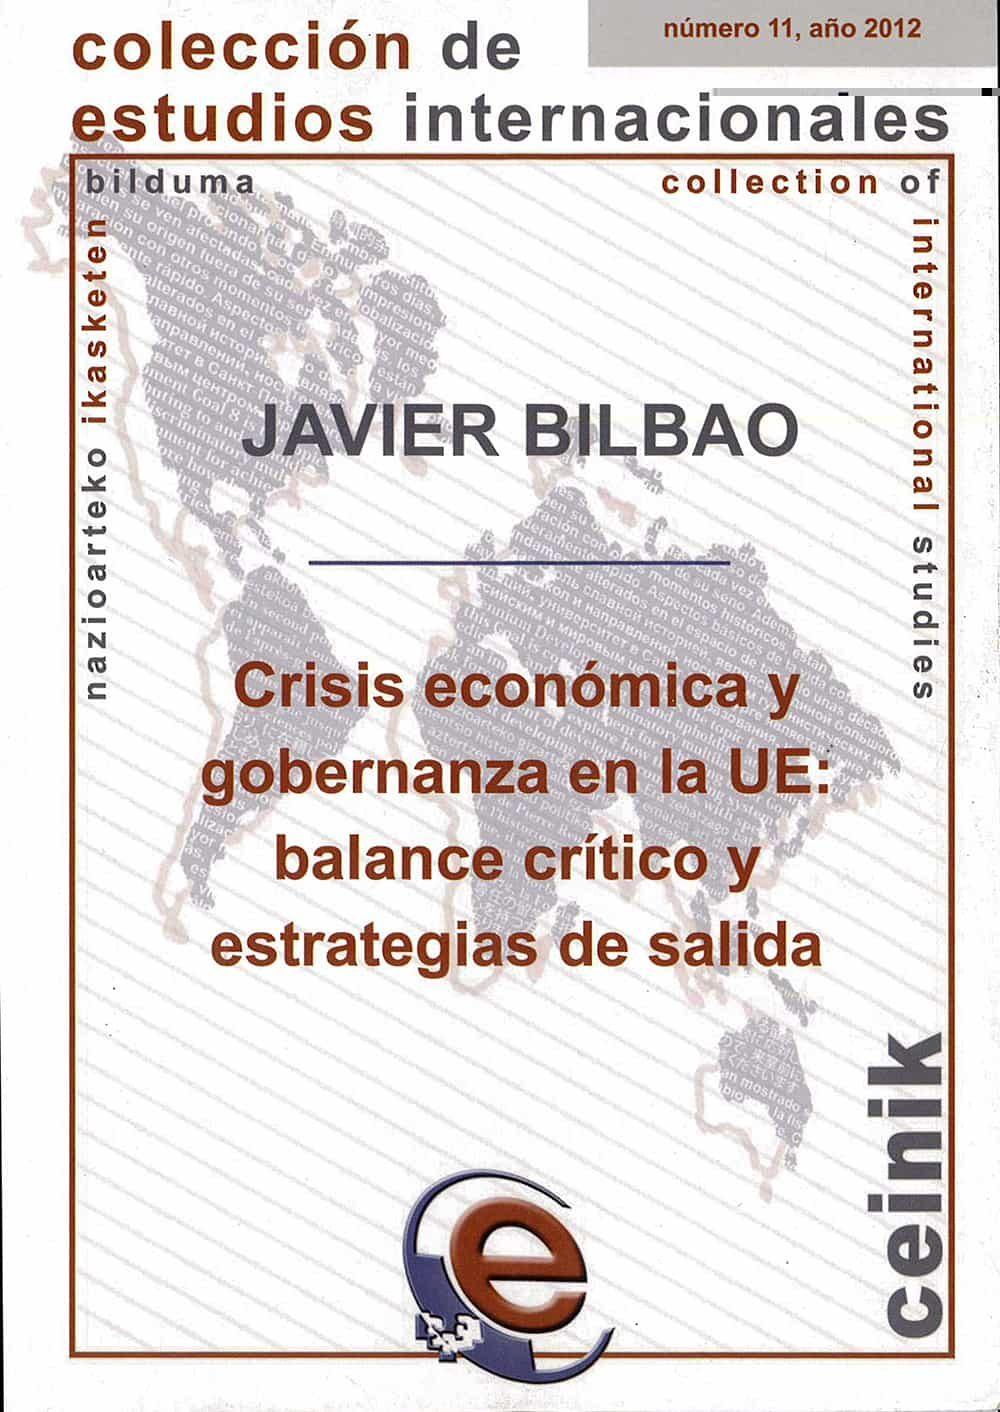 Crisis Economica Y Gobernanza En La Ue: Balance Critico Y Estrate Gias De Salida